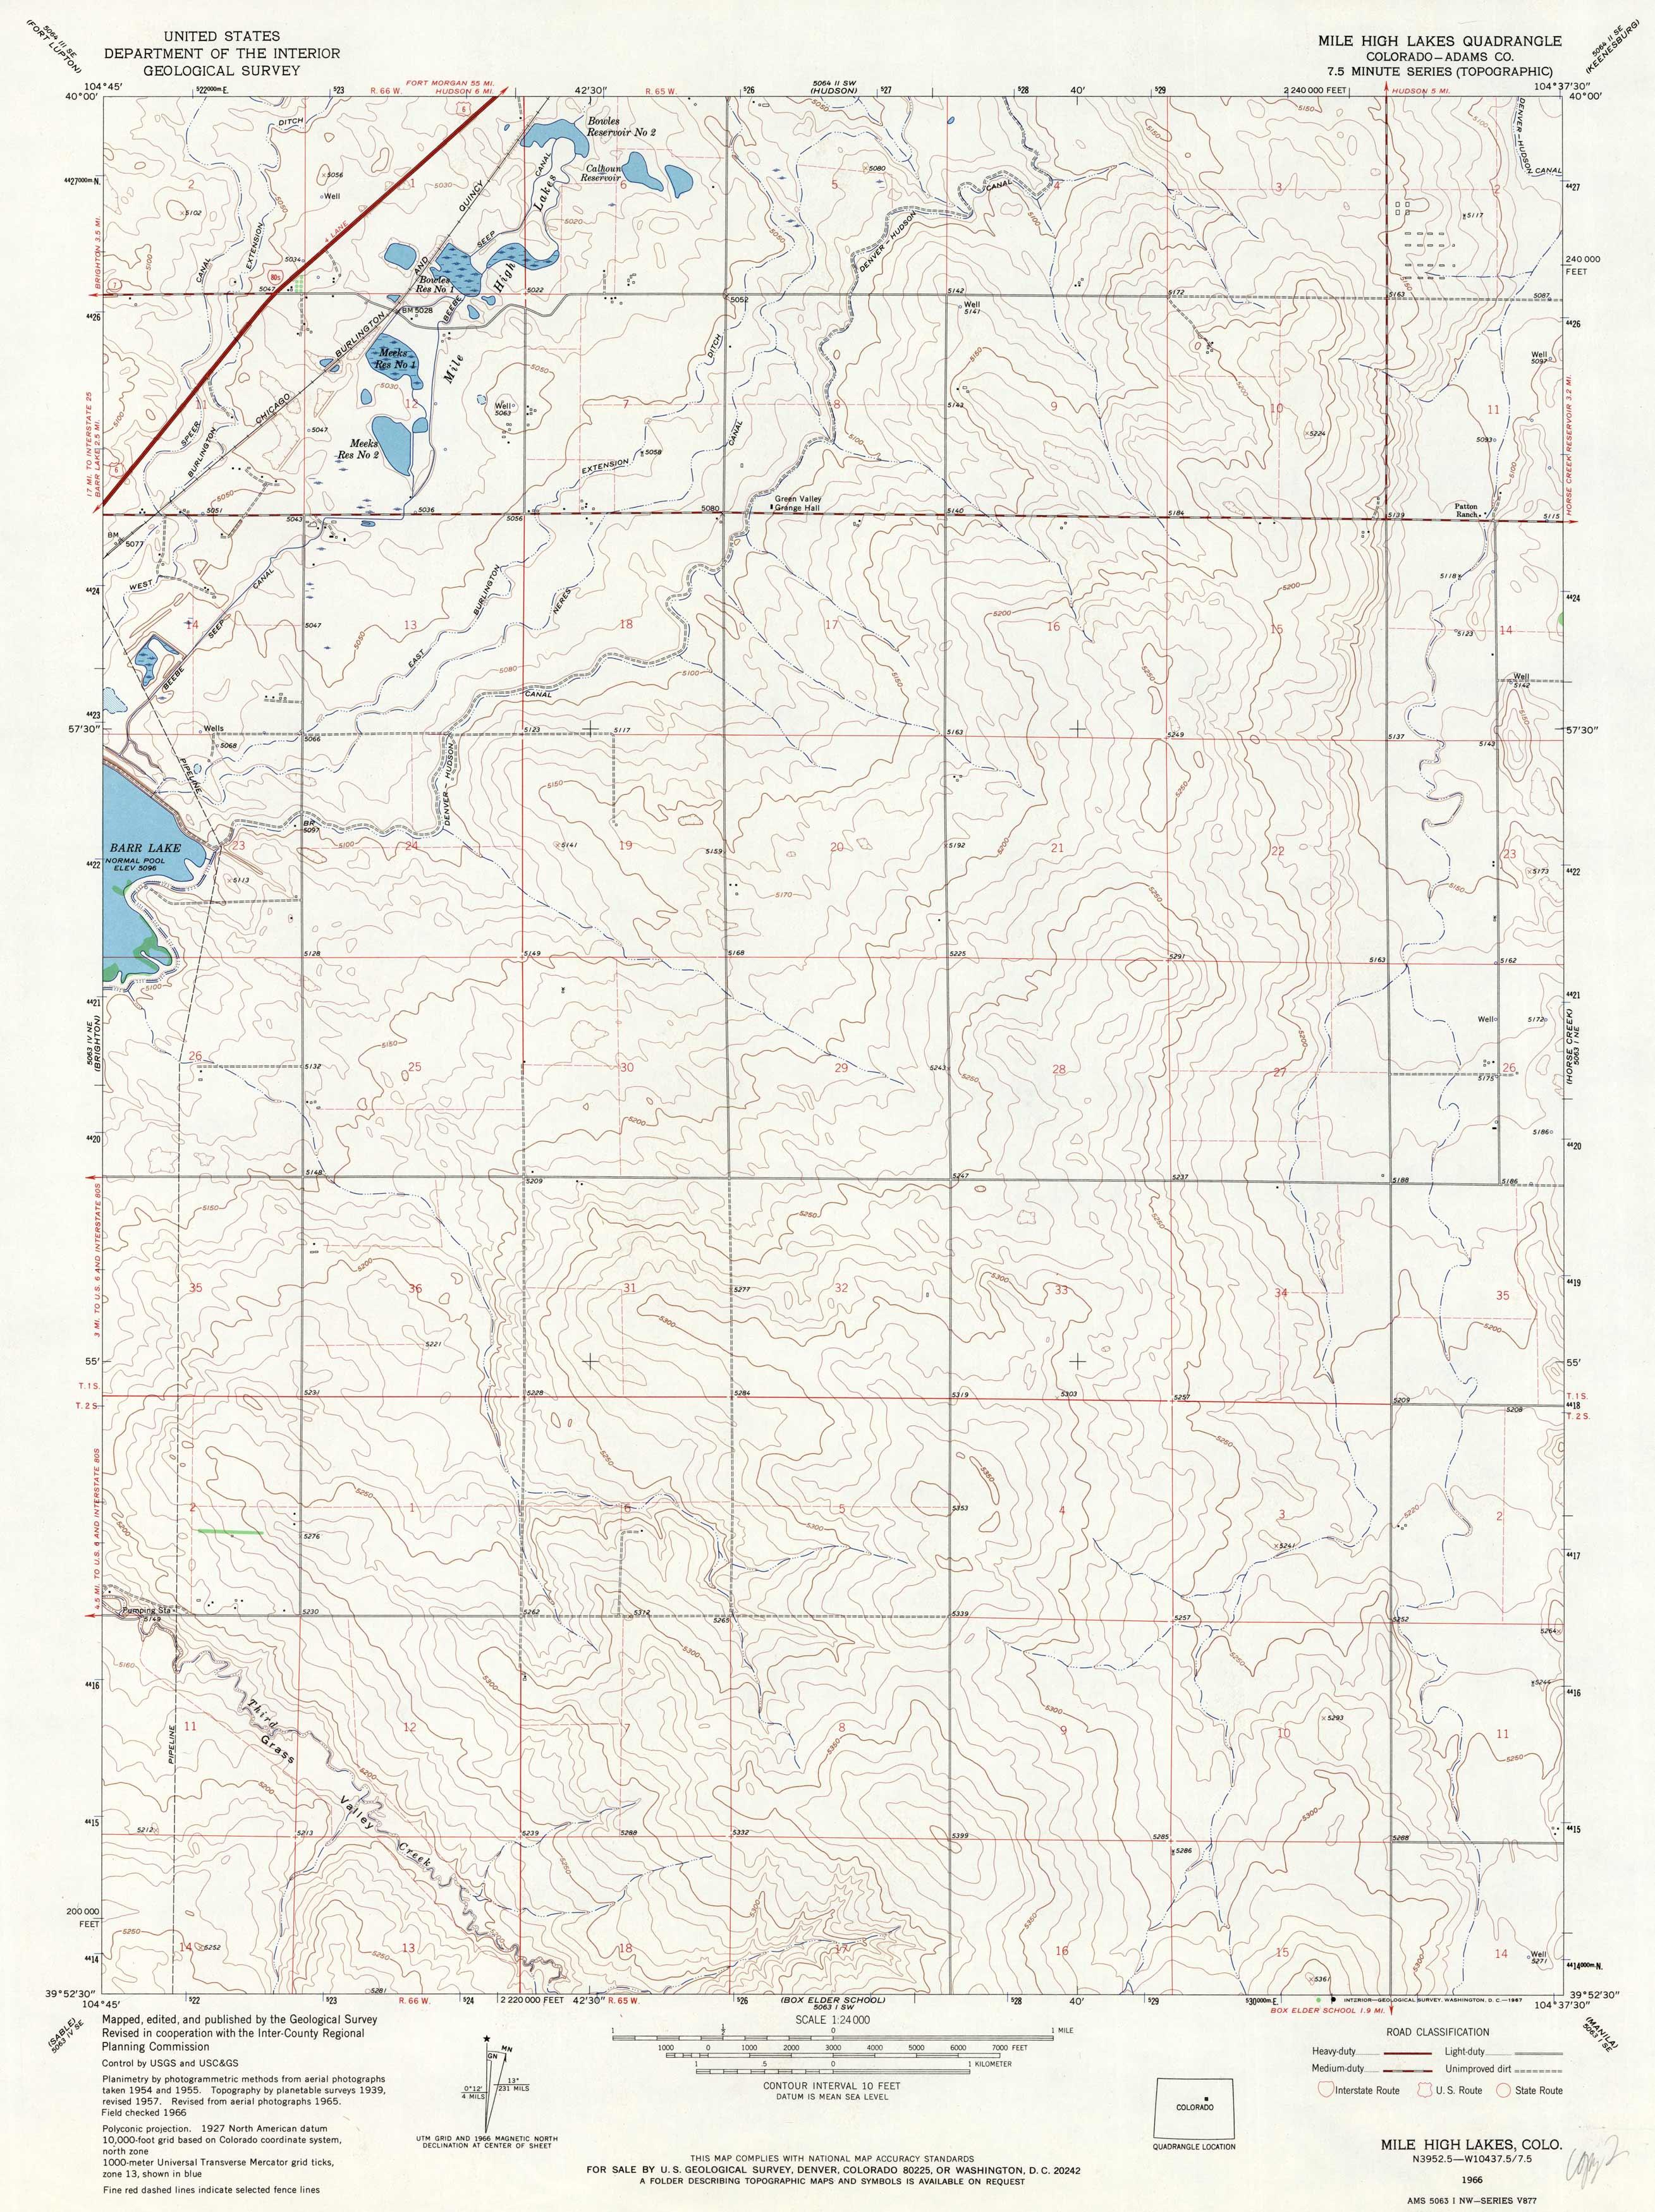 Mile High Lakes Quadrangle